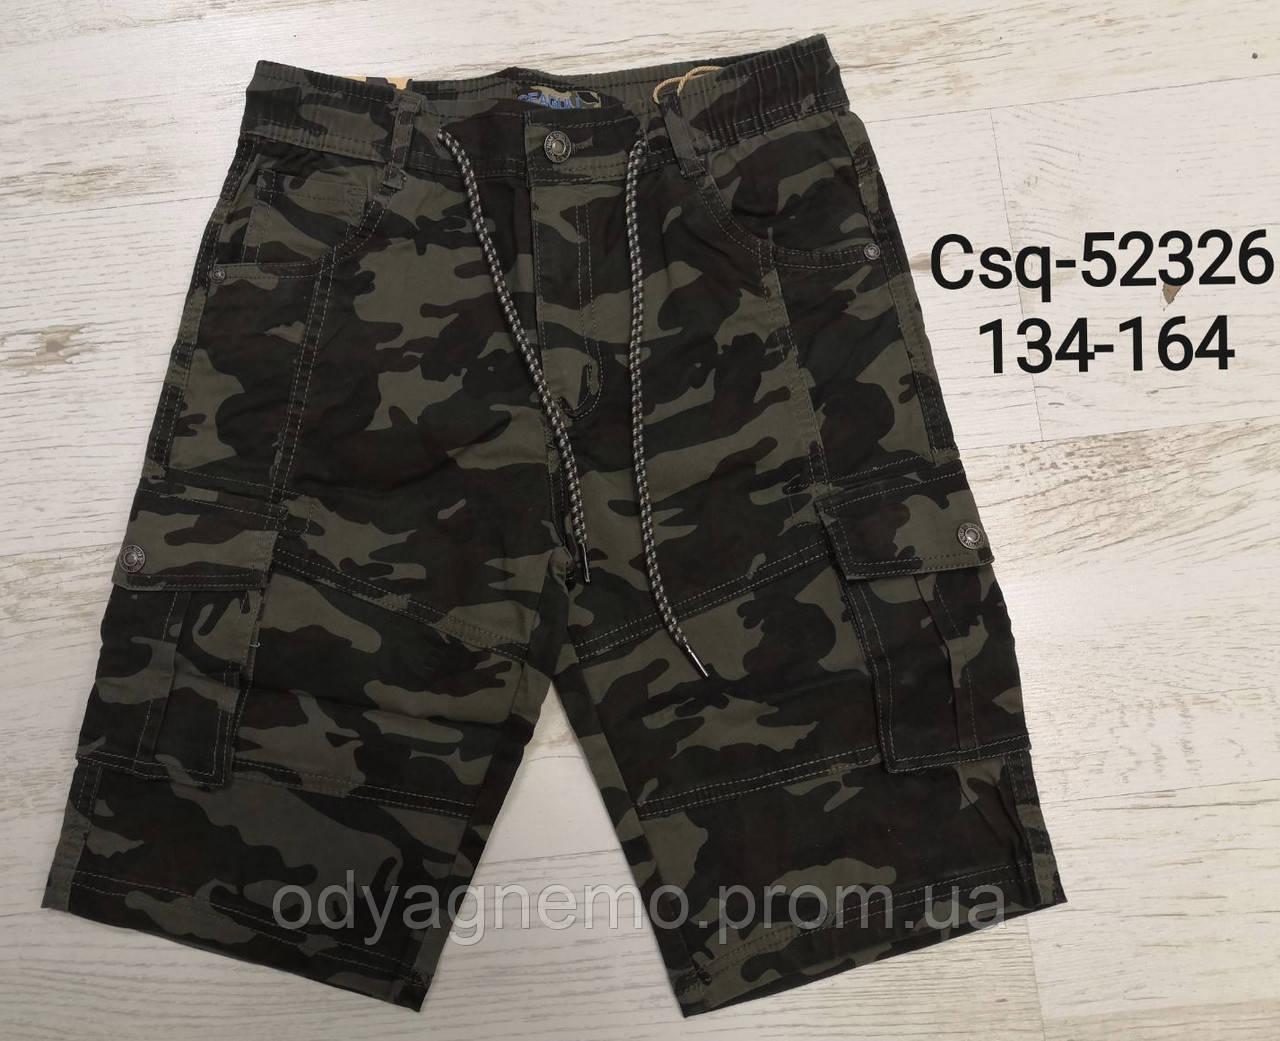 Котоновые шорты для мальчиков Seagull, 134-164 pp. Артикул: CSQ52326